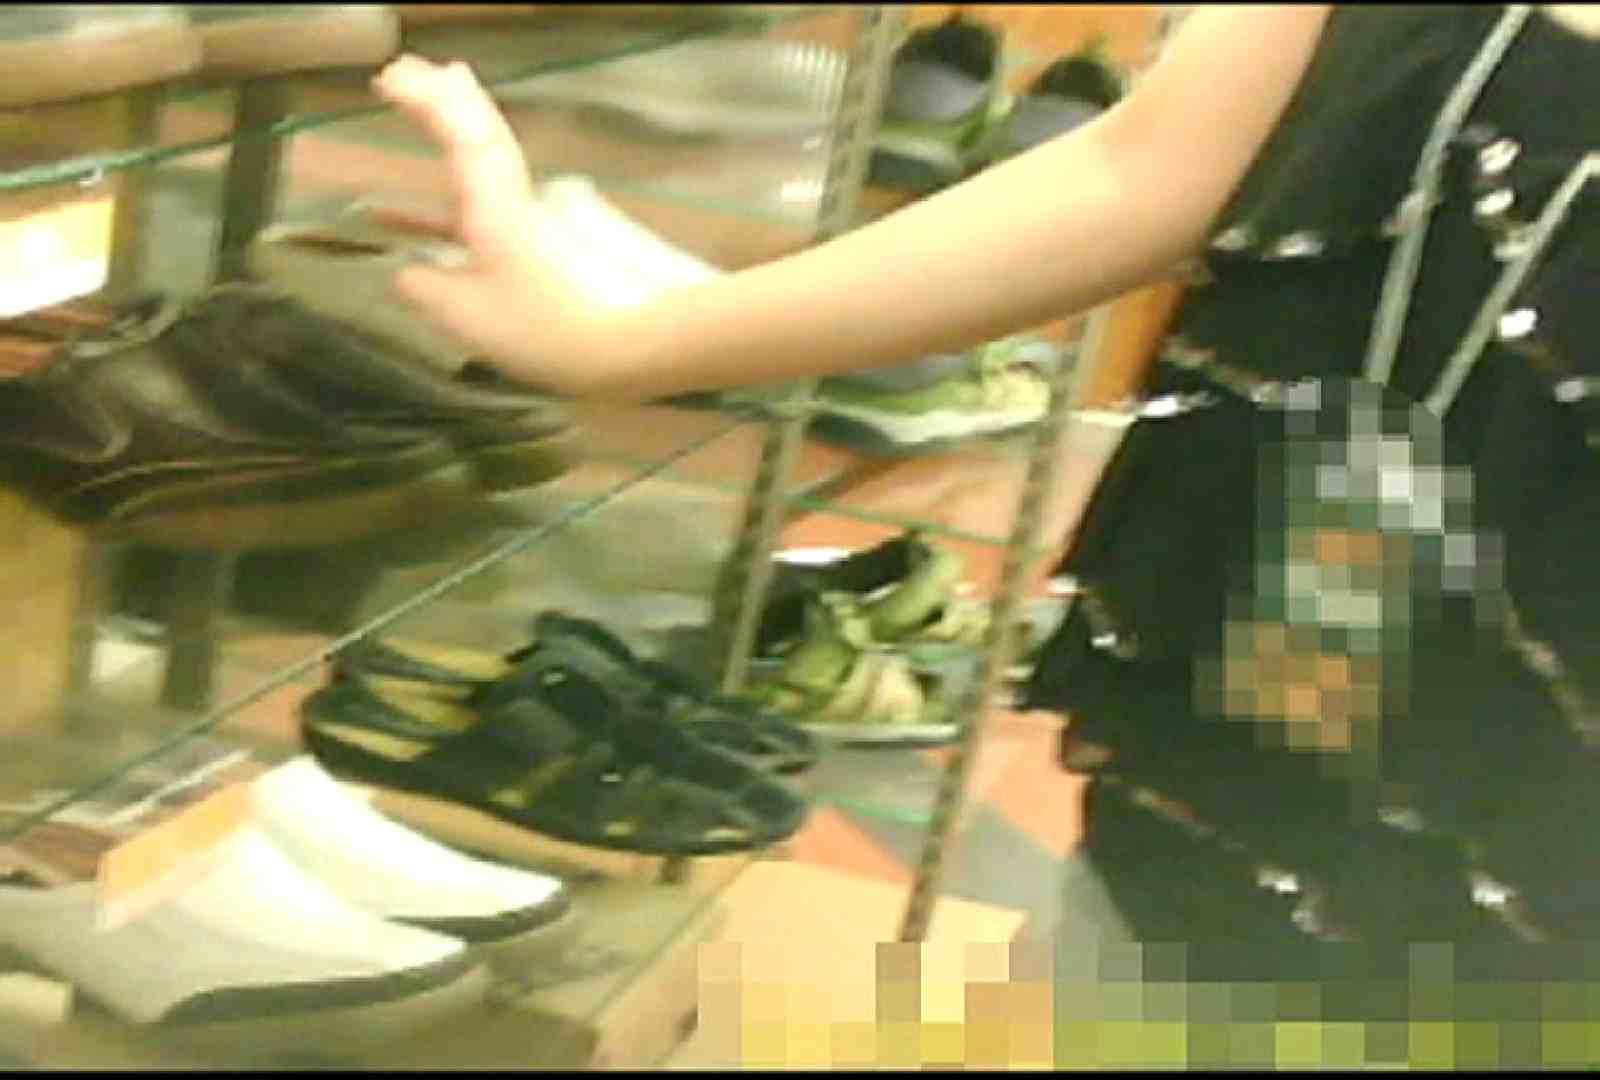 「ノゾキスト」さんの陰撮!!美女サルベージVol.1 OLの実態 盗撮セックス無修正動画無料 22pic 11